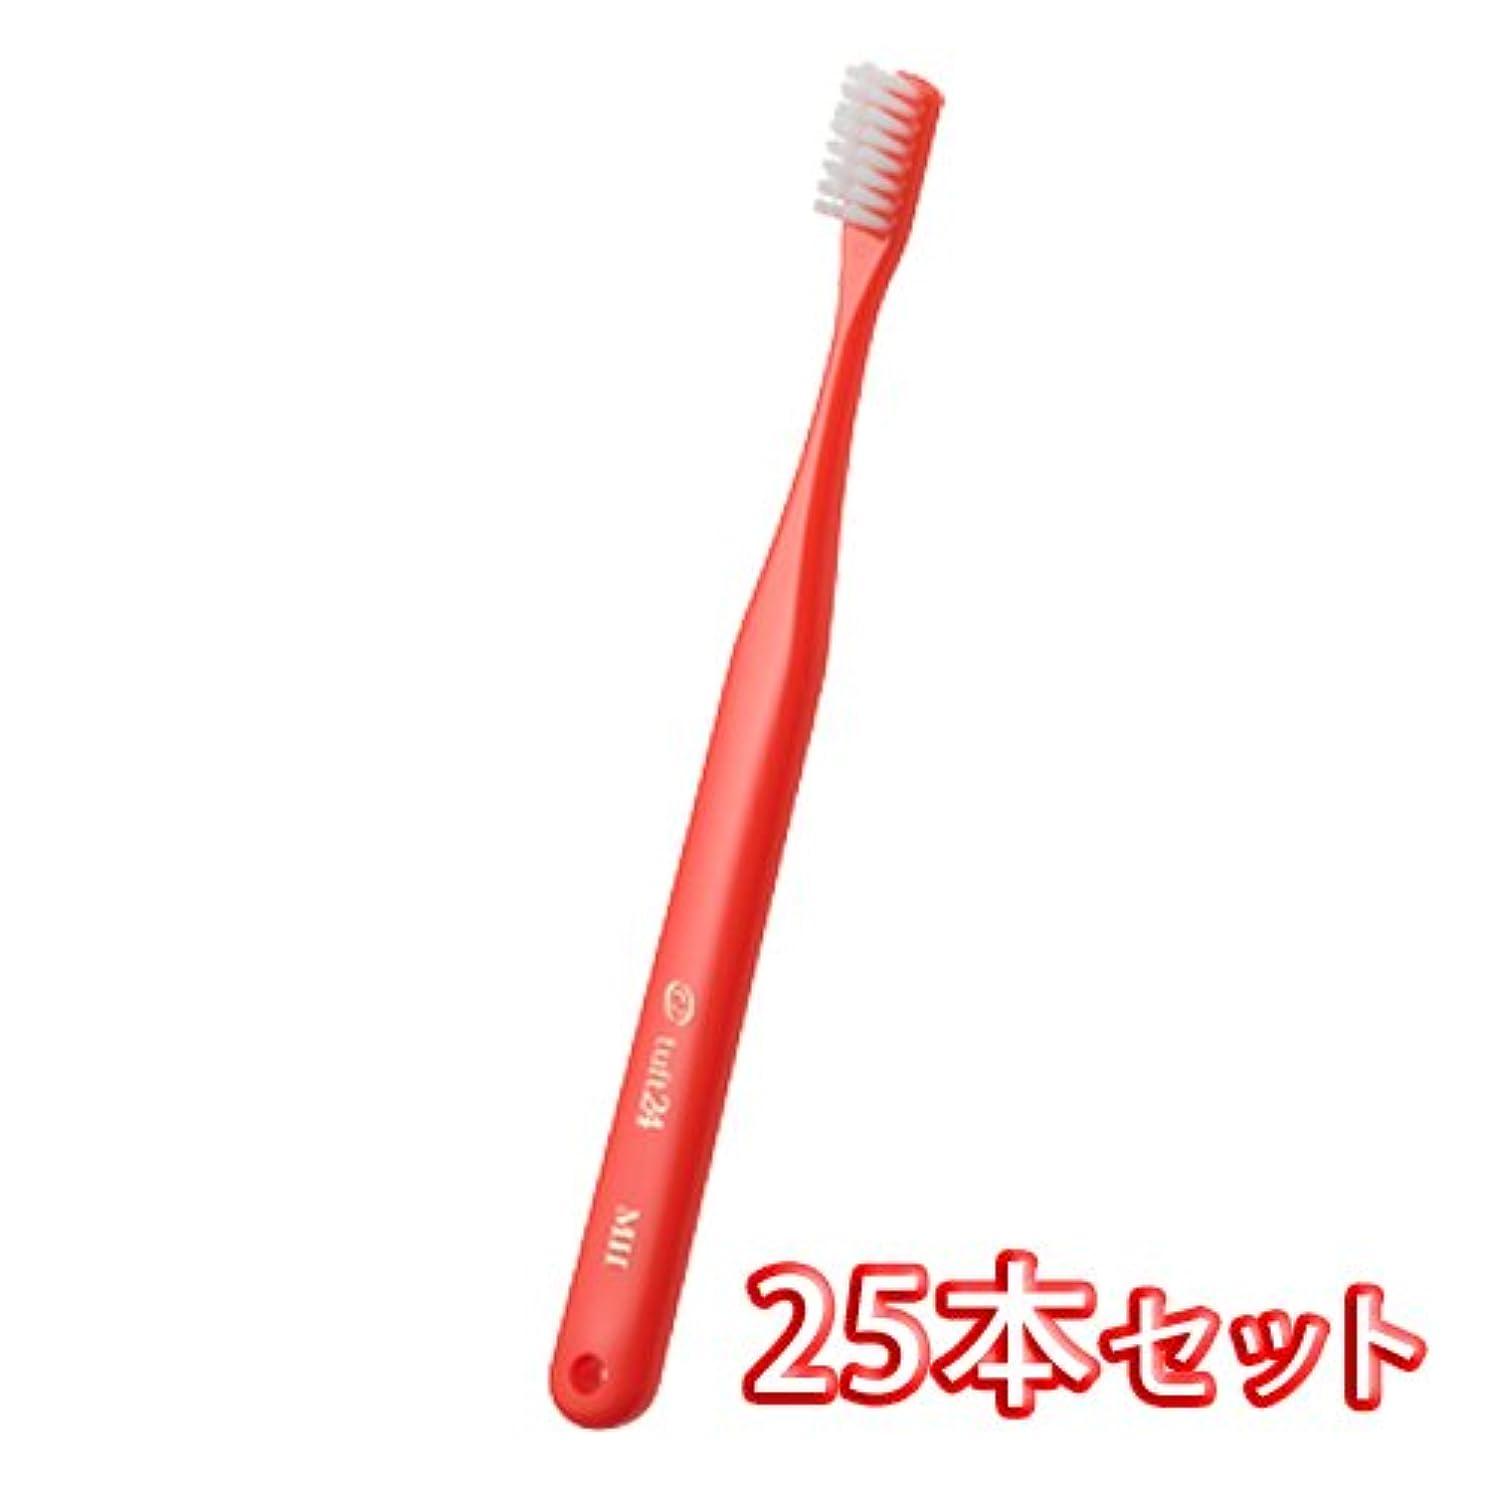 植生連合矢じりオーラルケア キャップ付き タフト 24 歯ブラシ スーパーソフト 25本 (レッド)